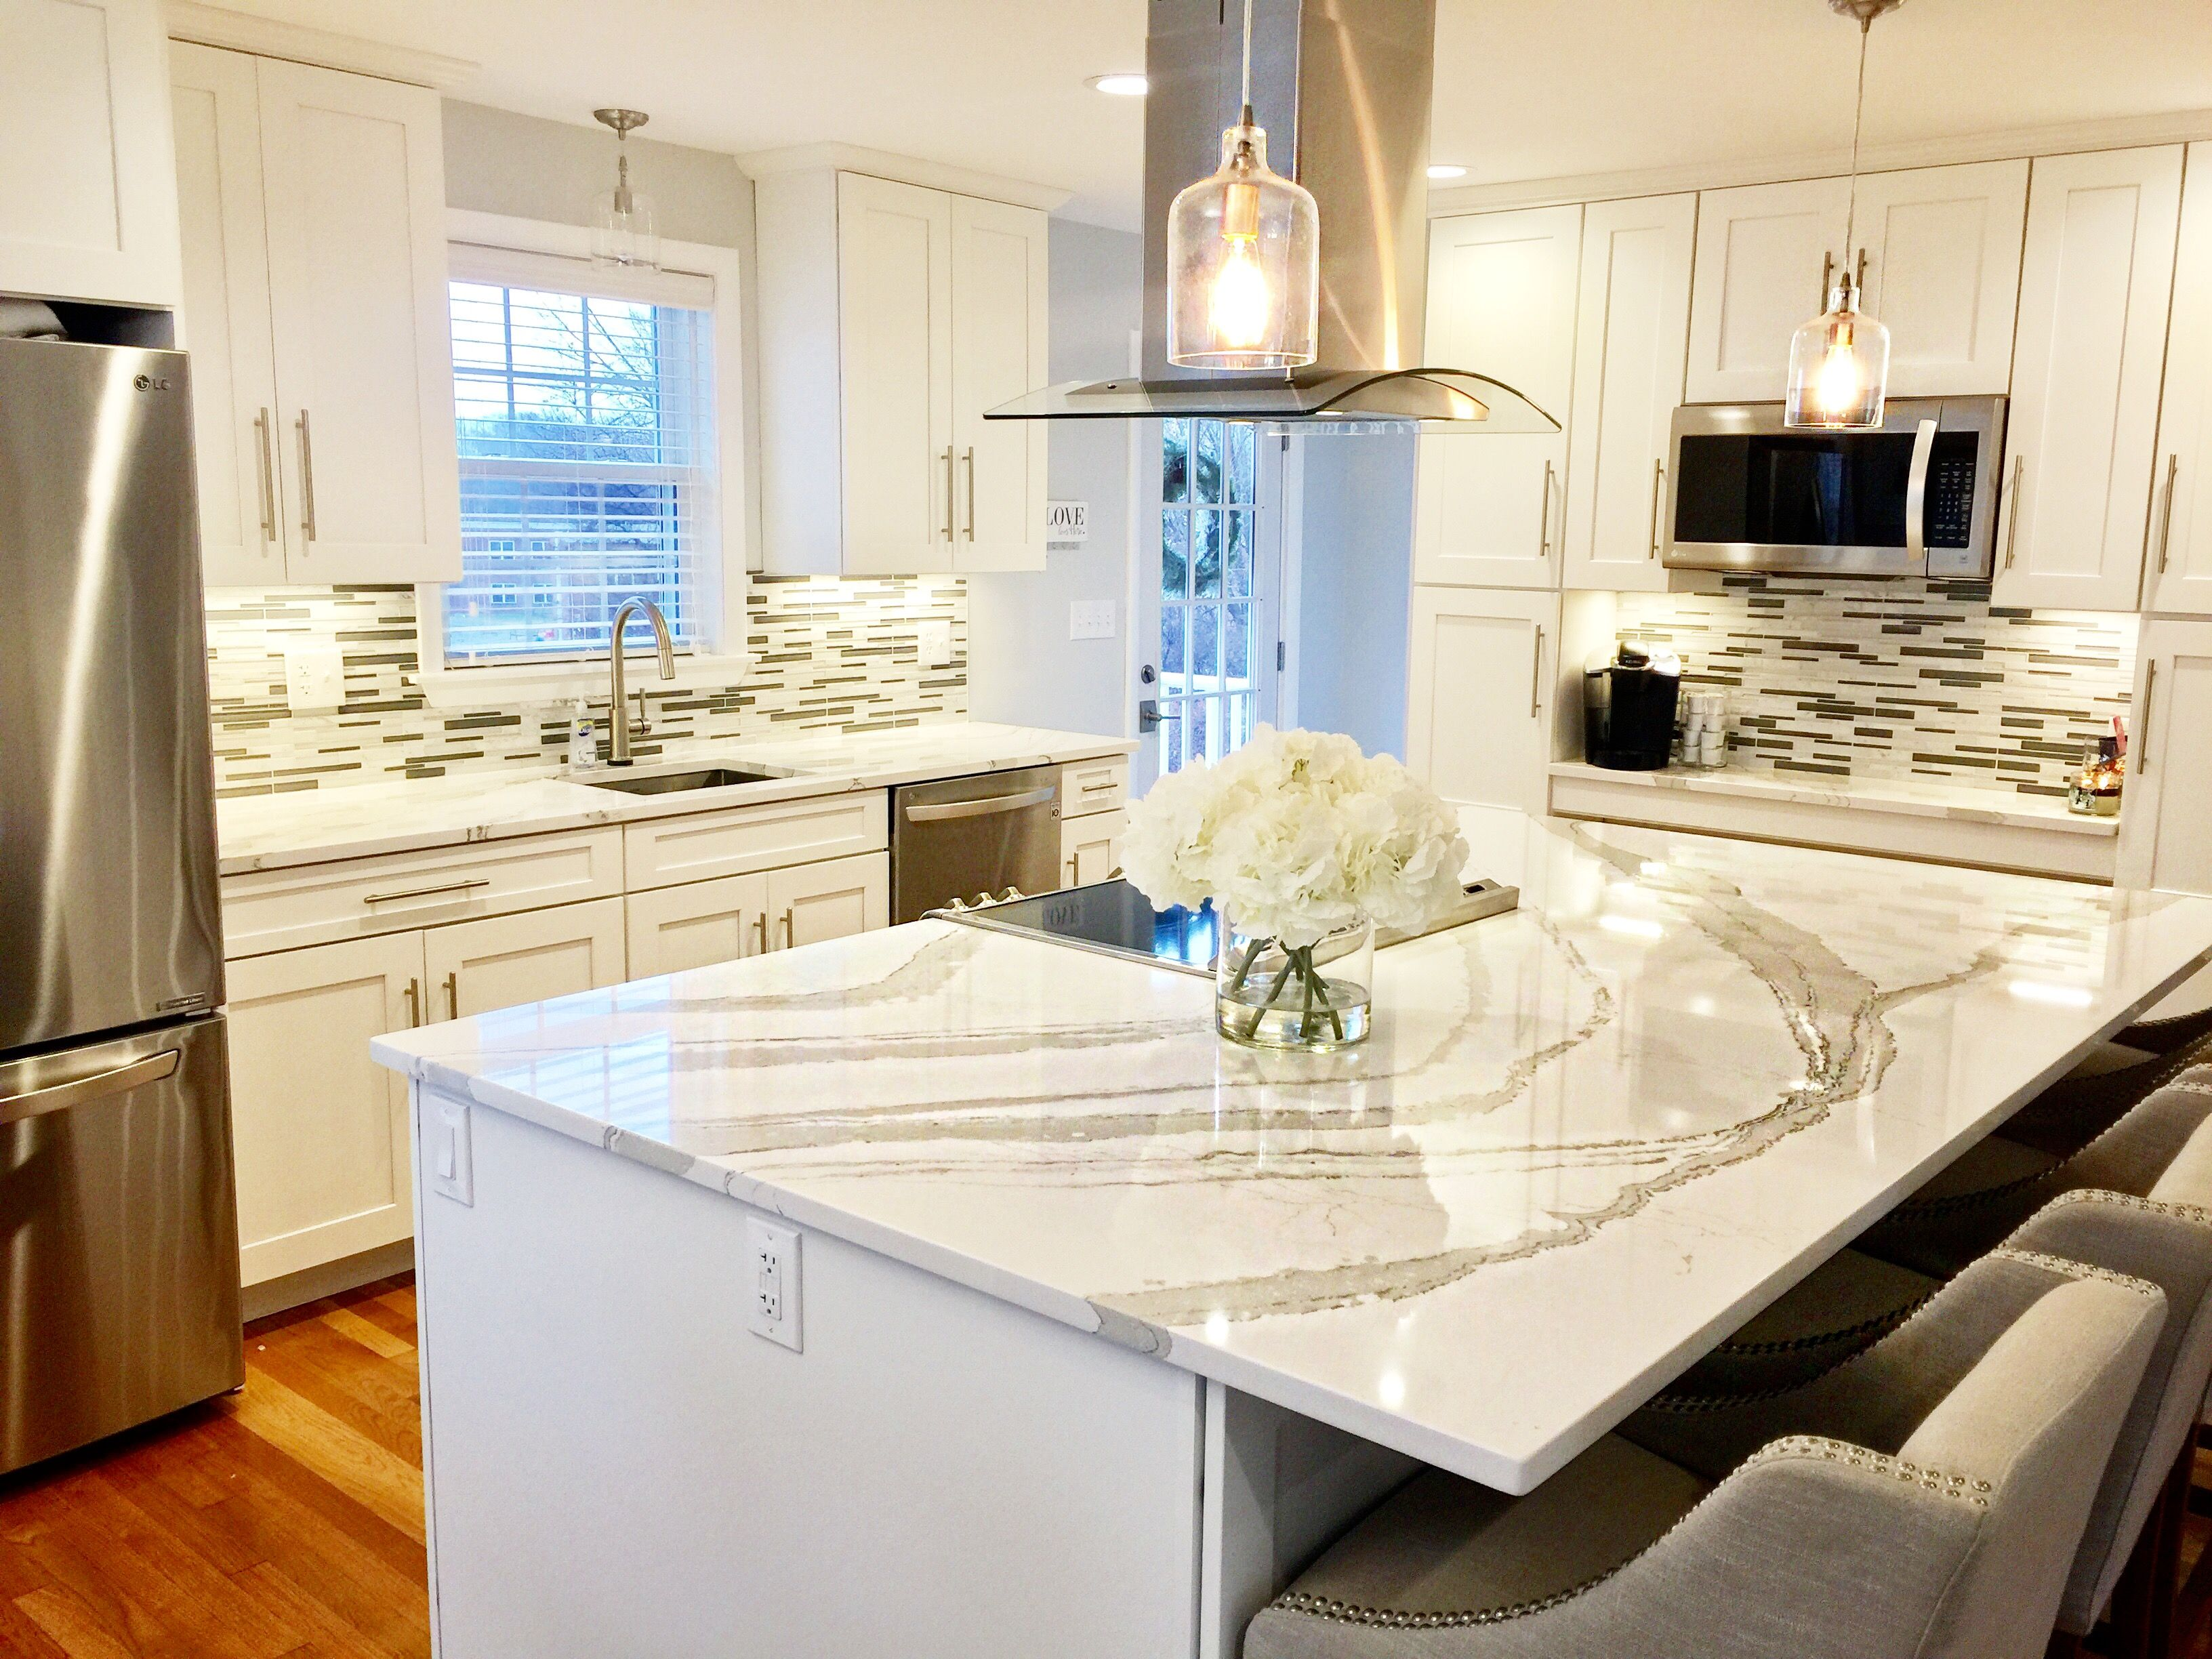 White shaker kitchen cabinets, white and gray Quartz from